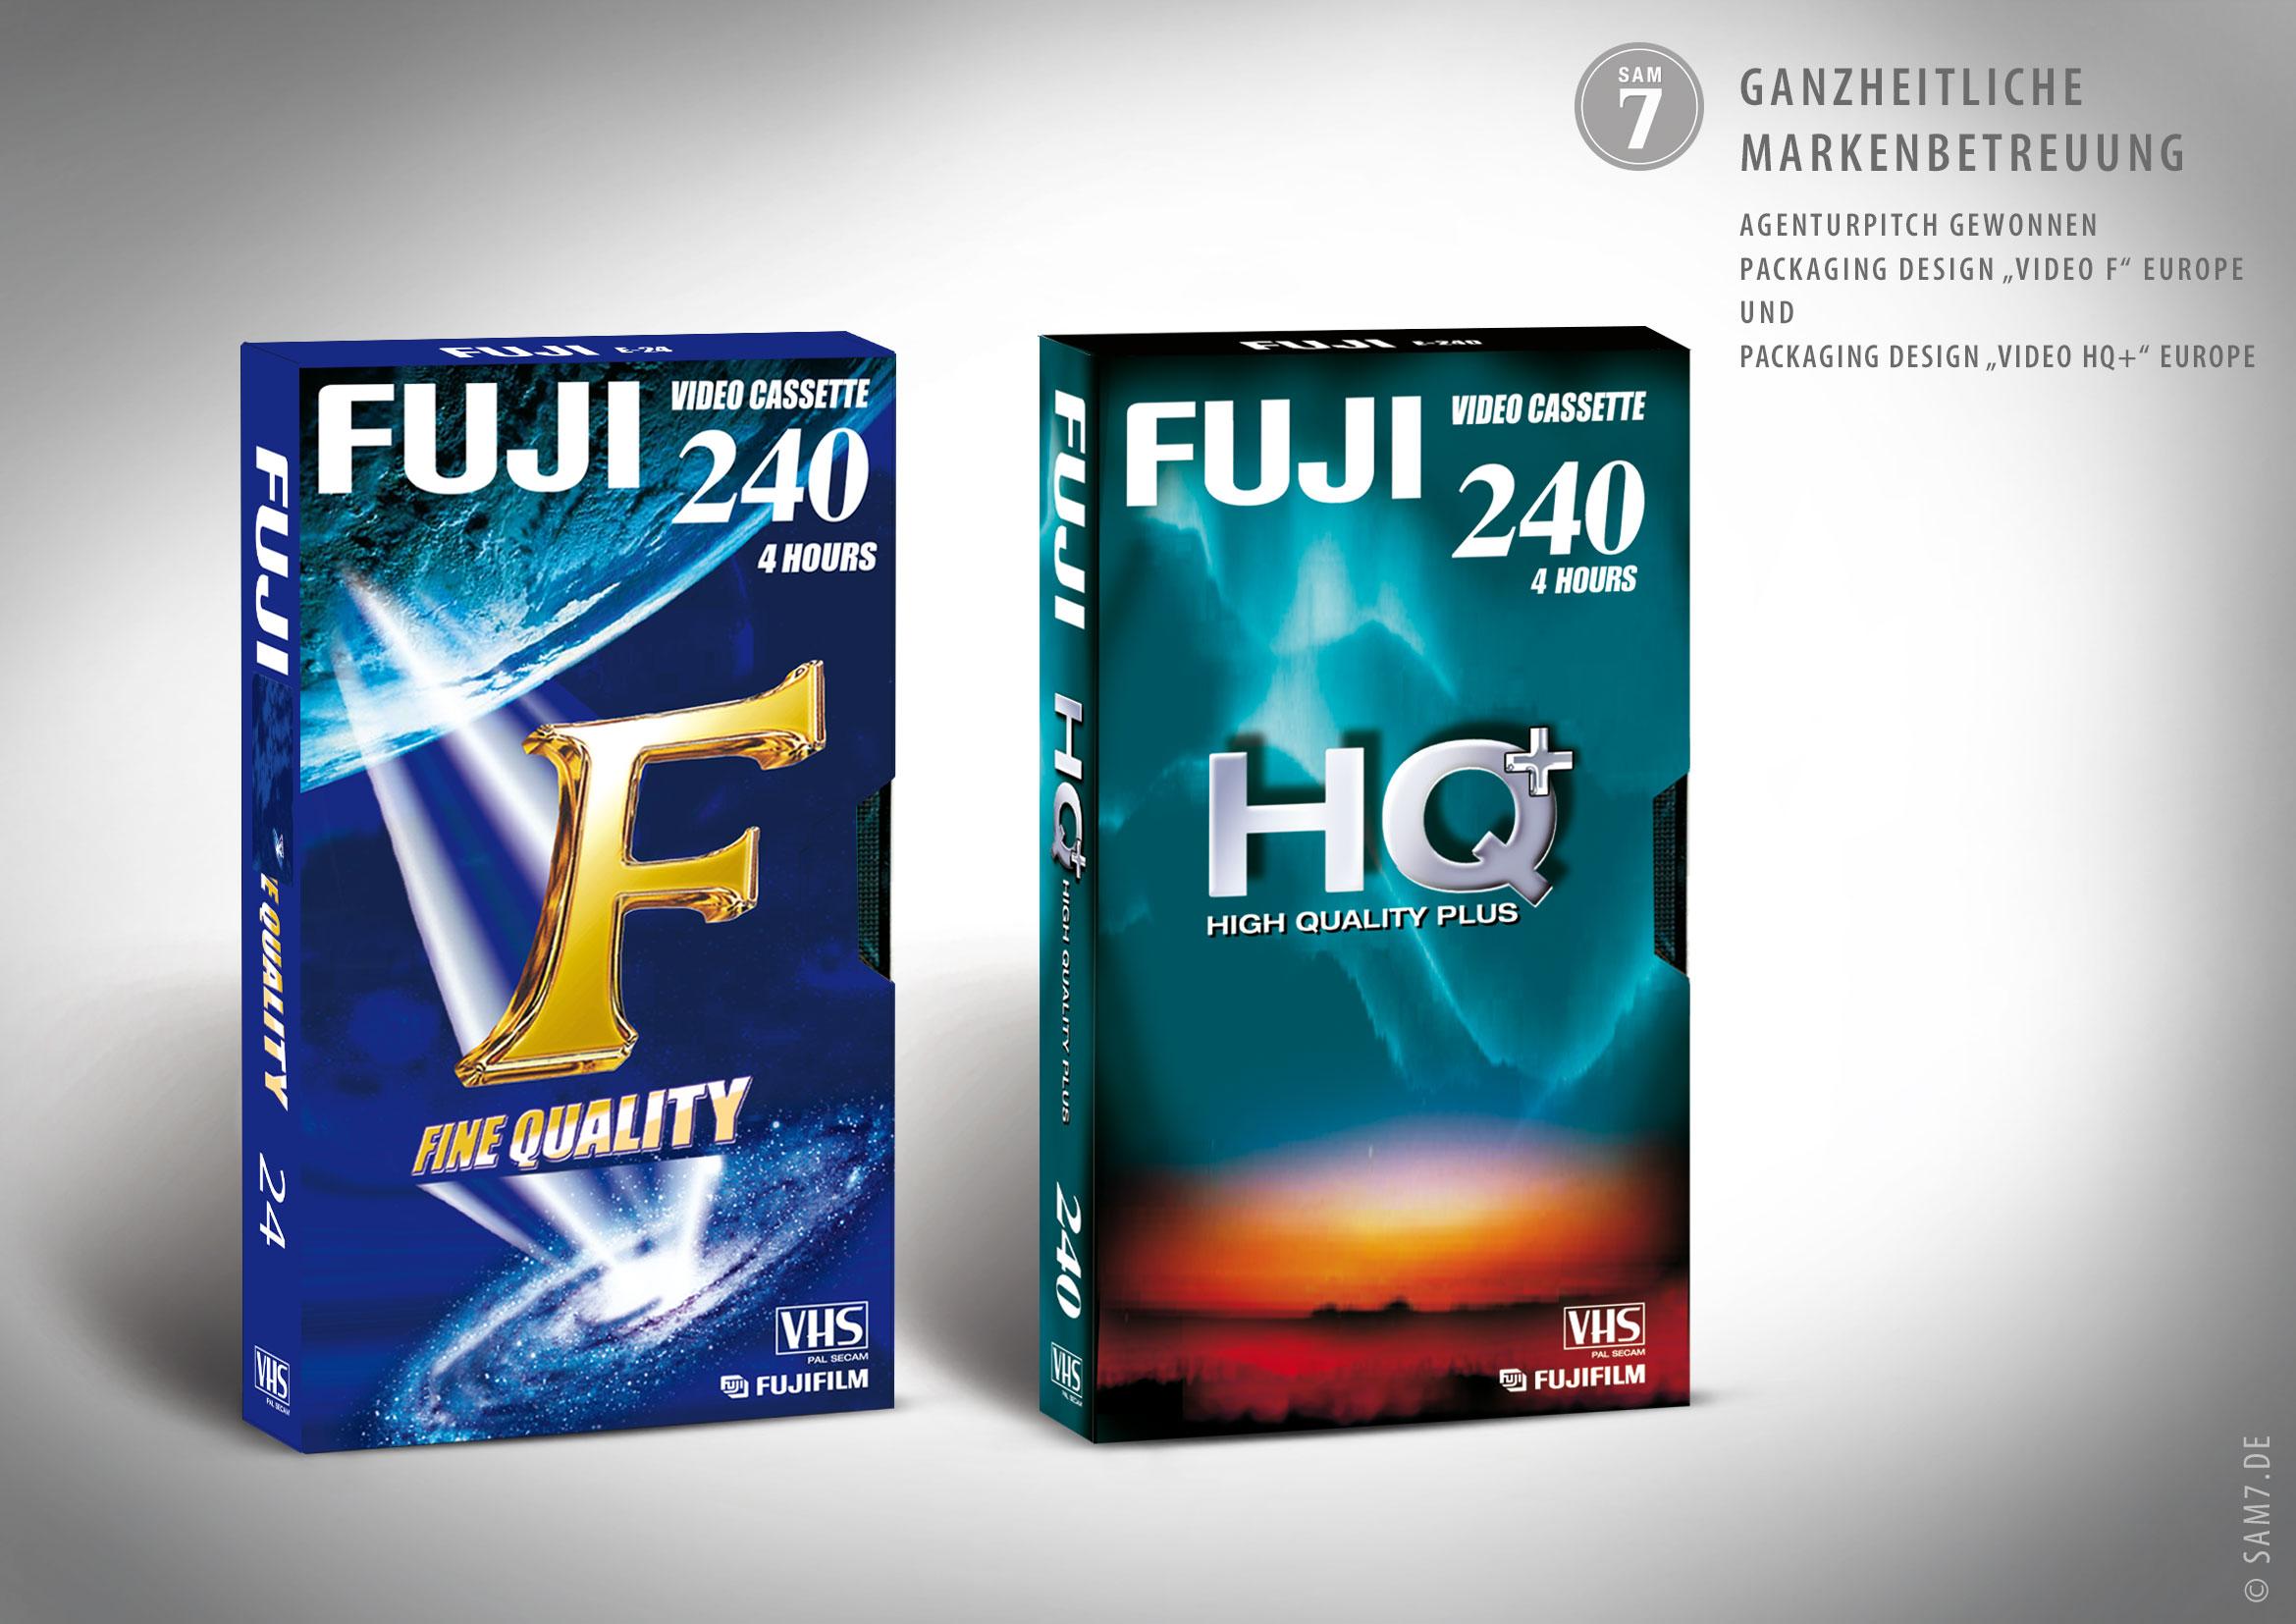 Verpackungsdesin. Fuji Video F und HQ+.